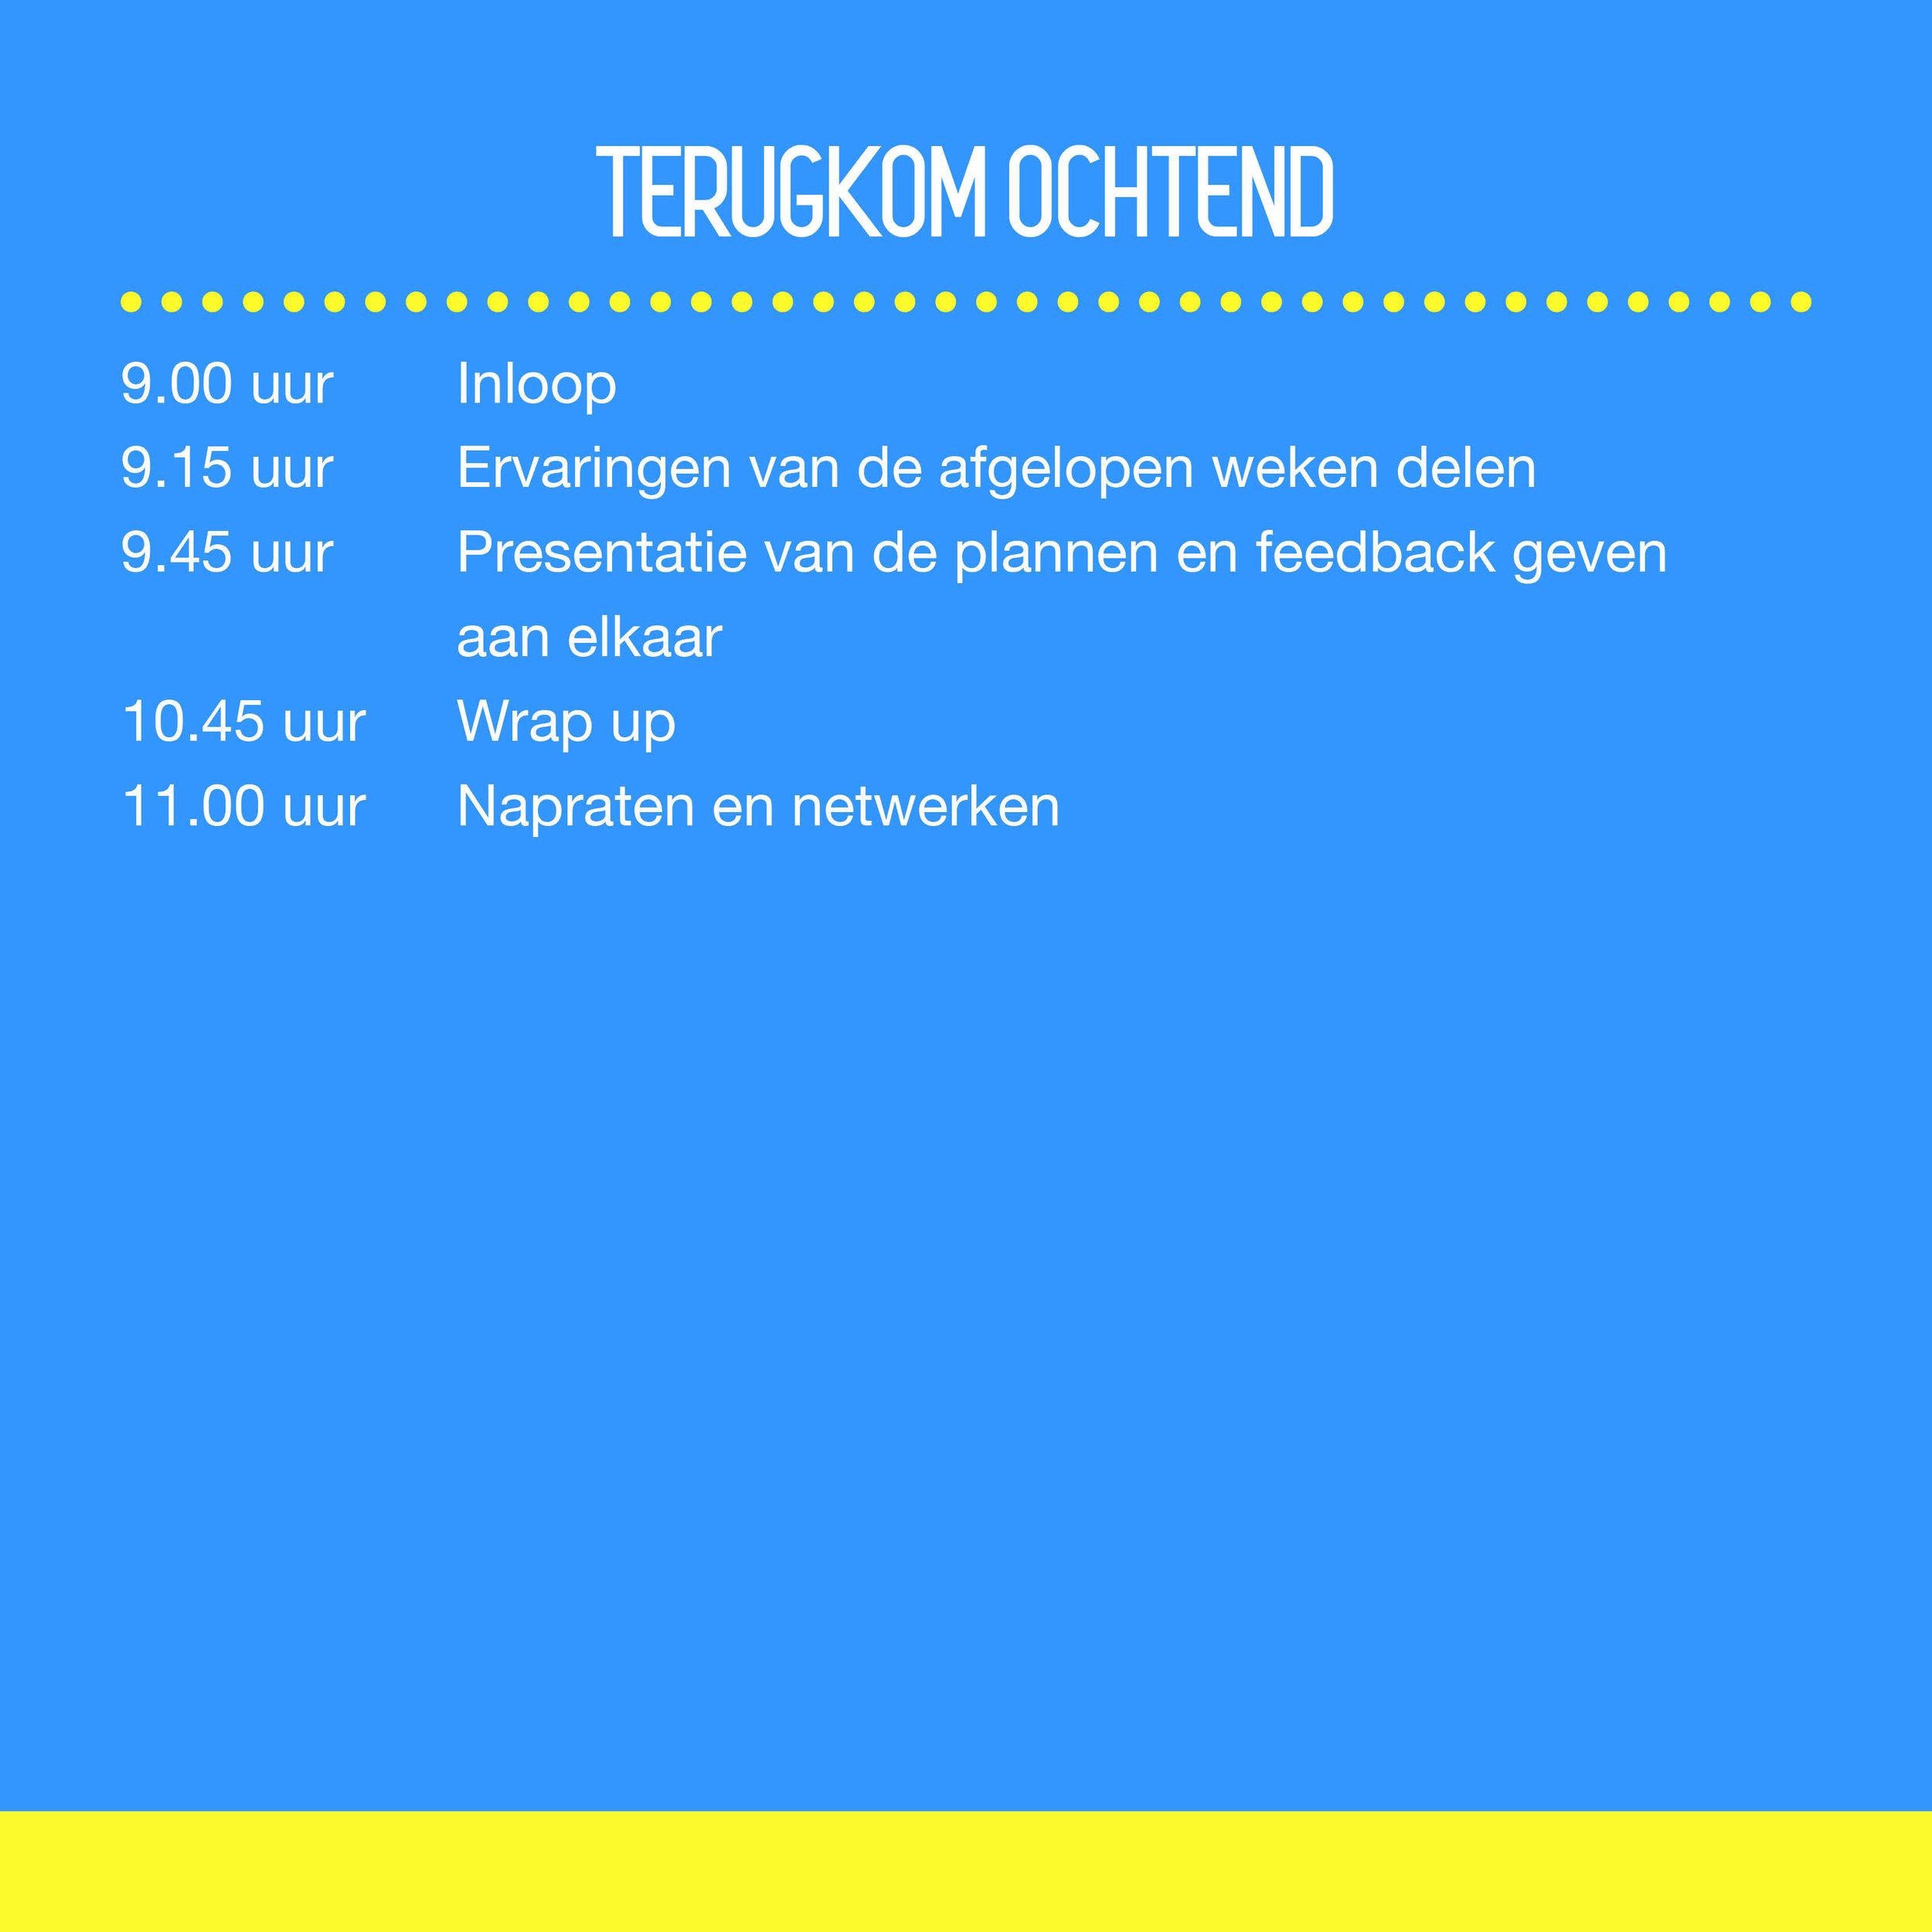 Terugkom ochtend   09.00 uur Inloop 09.15 uur Ervaringen van de afgelopen weken delen 09.45 uur Presentatie van de plannen EN Feedback geven aan elkaar 10.45 uur Wrap up 11.00 uur Napraten en netwerken